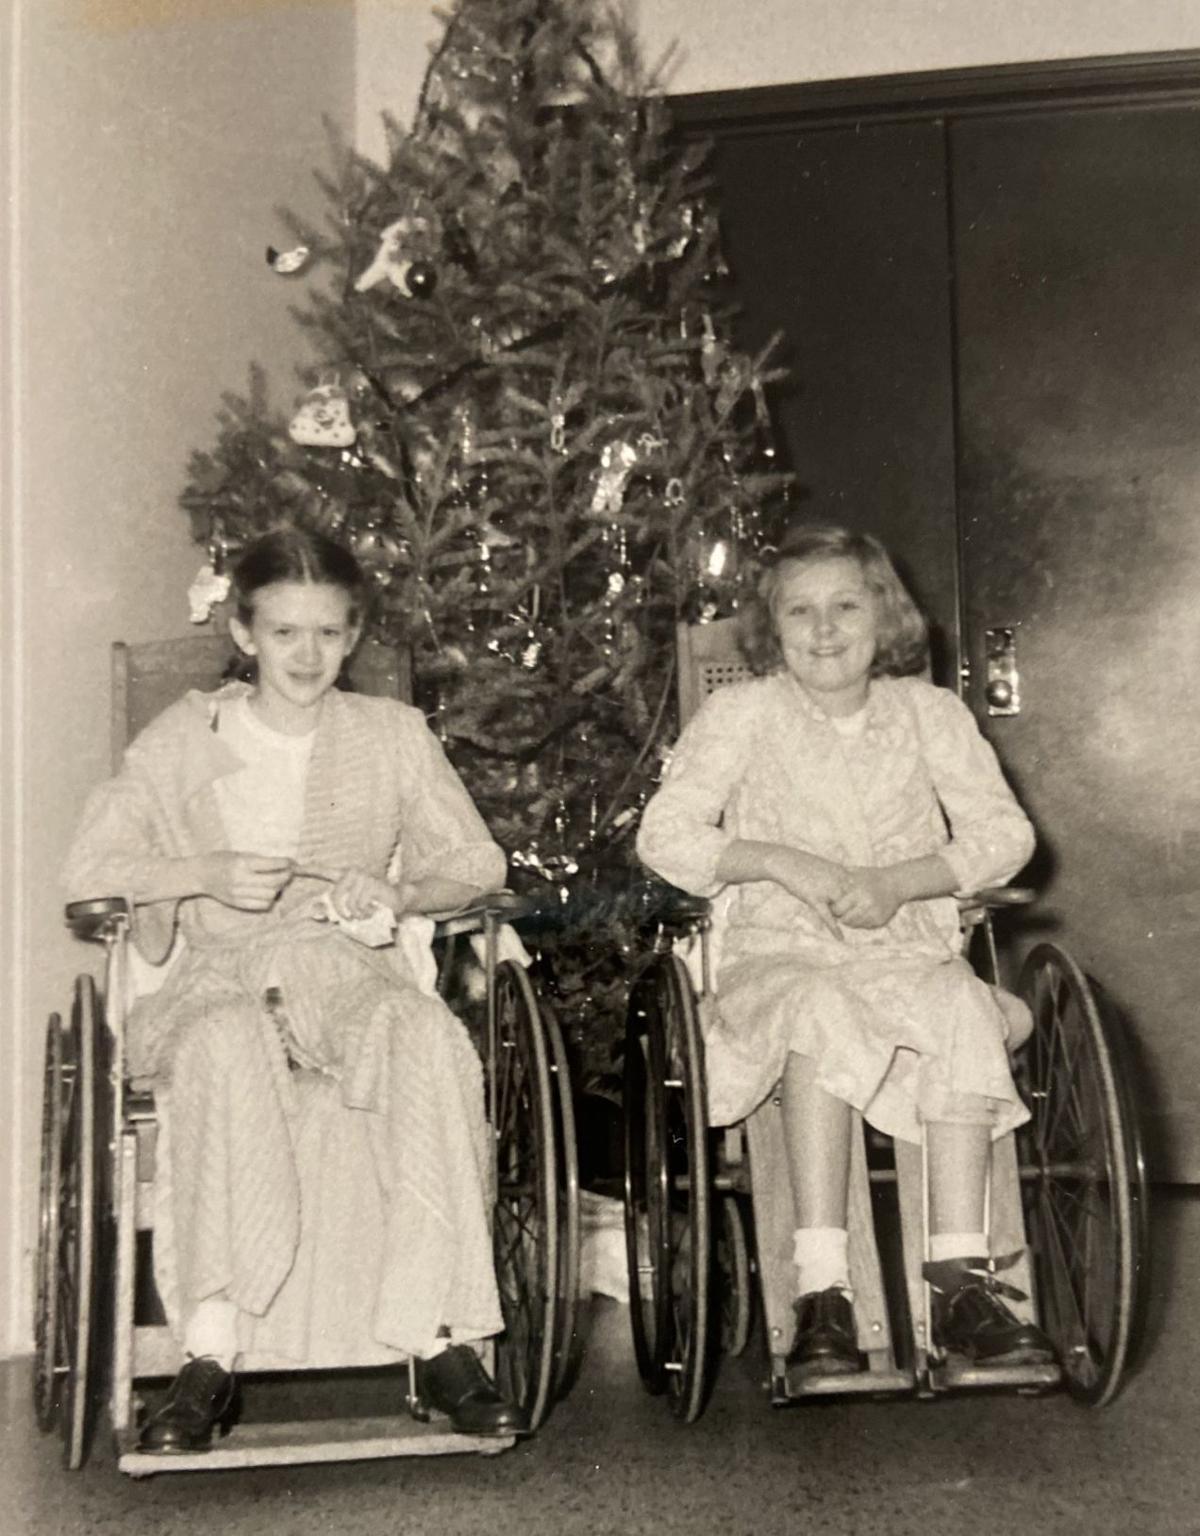 Margie Thomsen, Donna Grubb -- December 1952 (web)